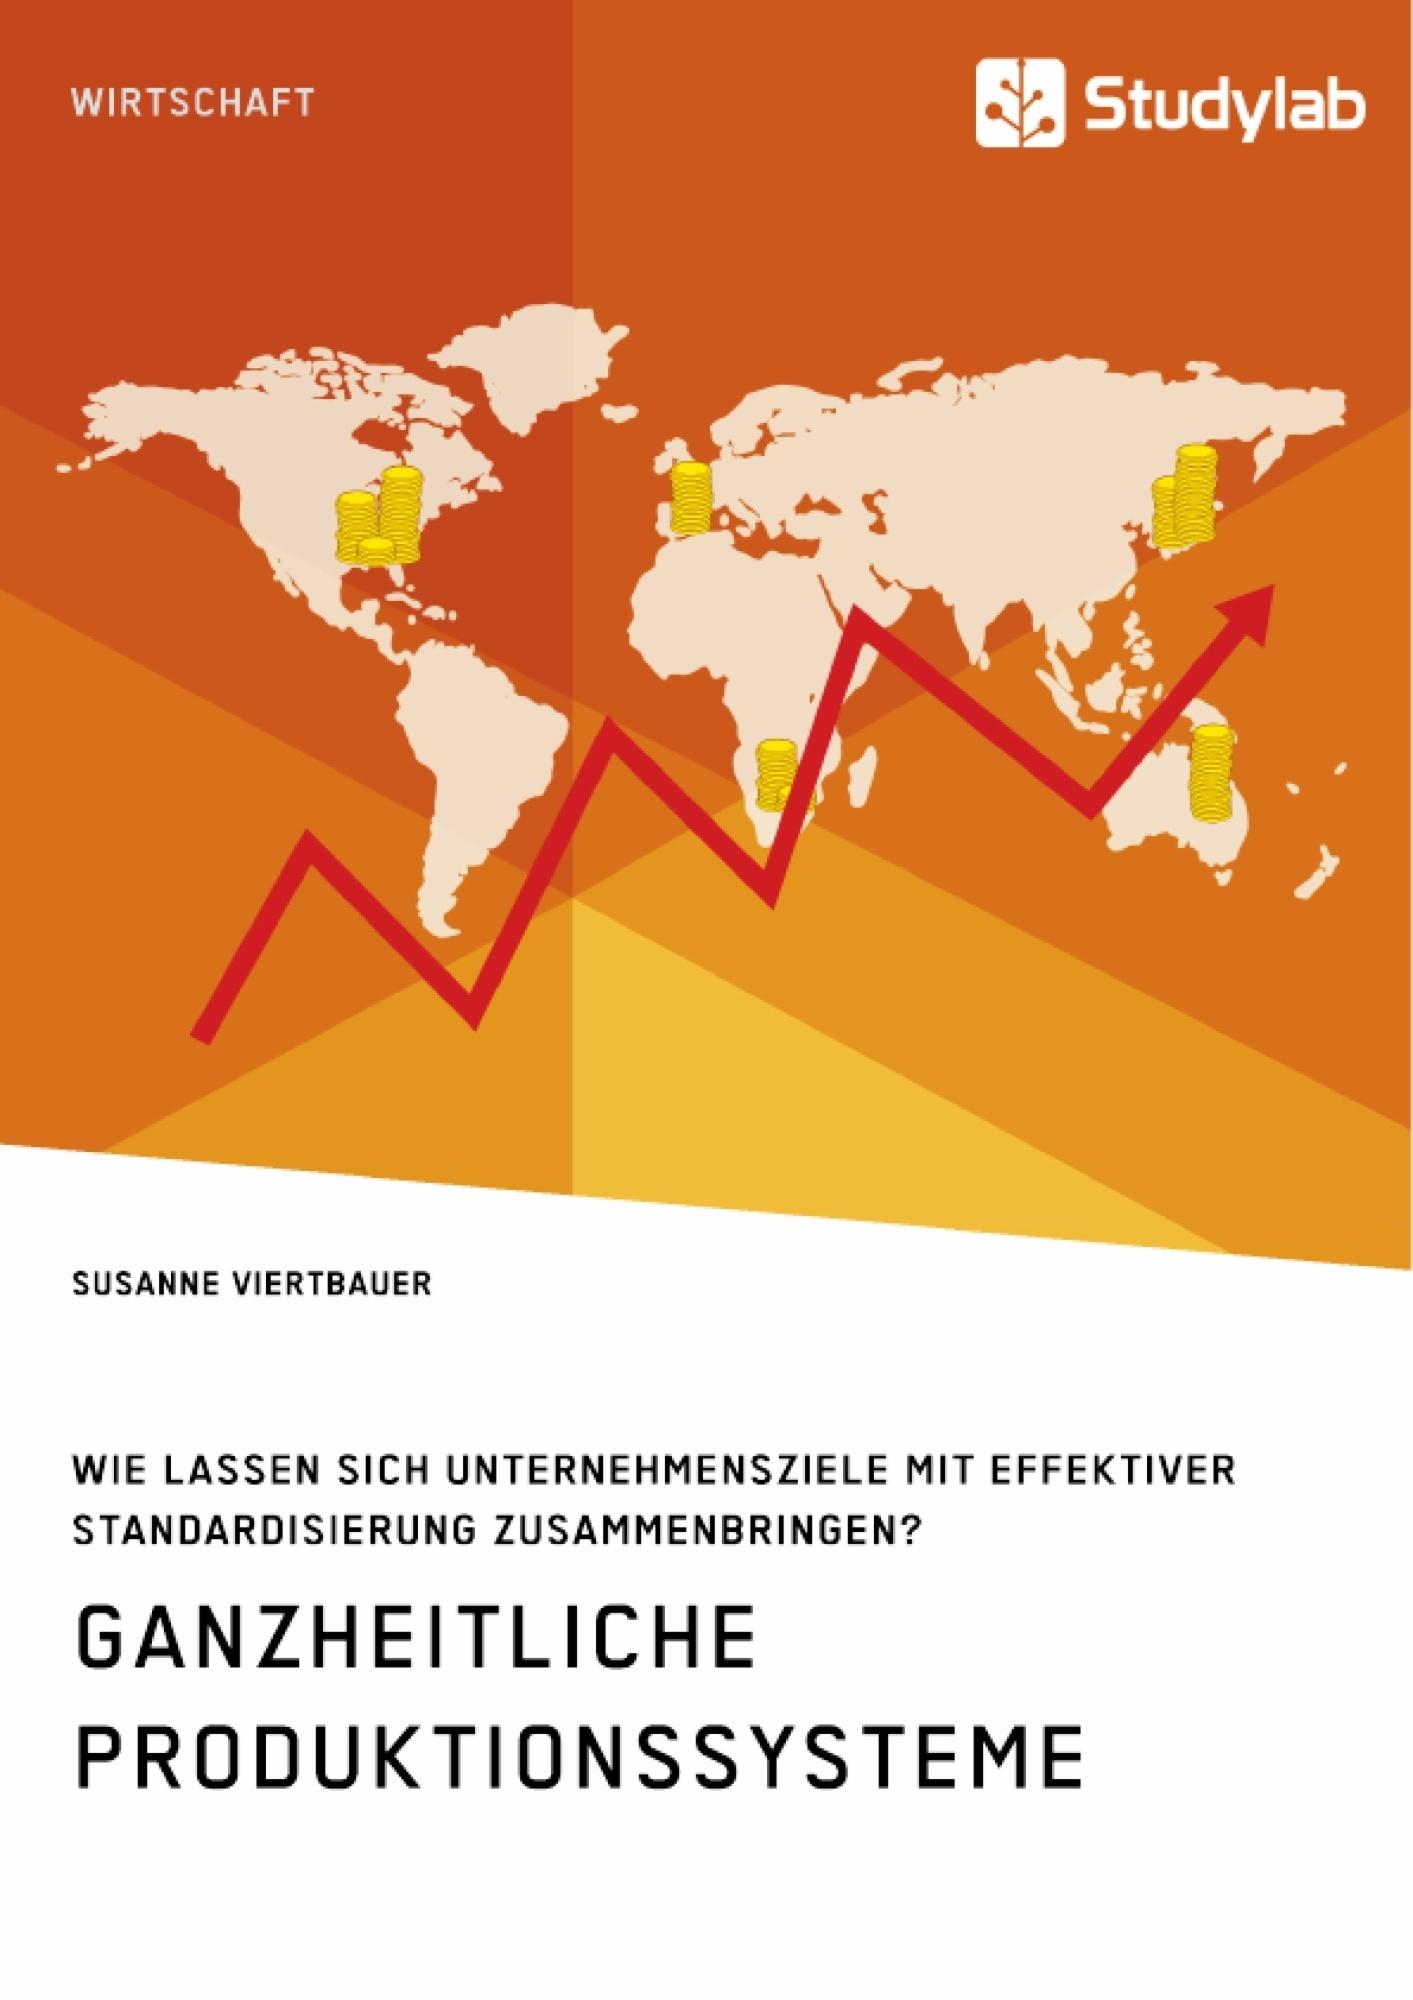 Titel: Ganzheitliche Produktionssysteme. Wie lassen sich Unternehmensziele mit effektiver Standardisierung zusammenbringen?